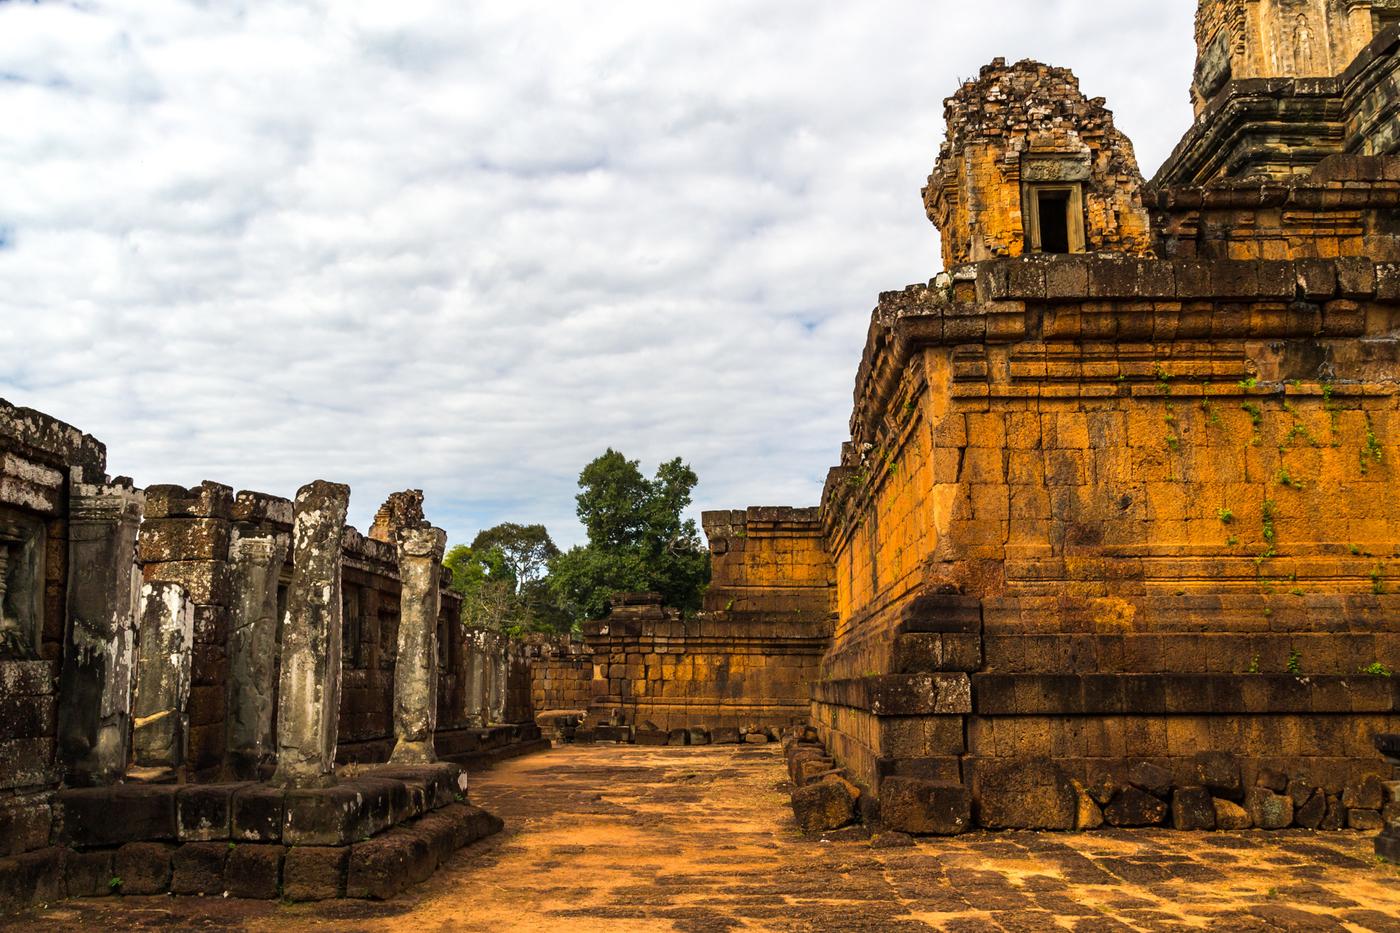 Angkor-pre-rup-temppeli.jpg